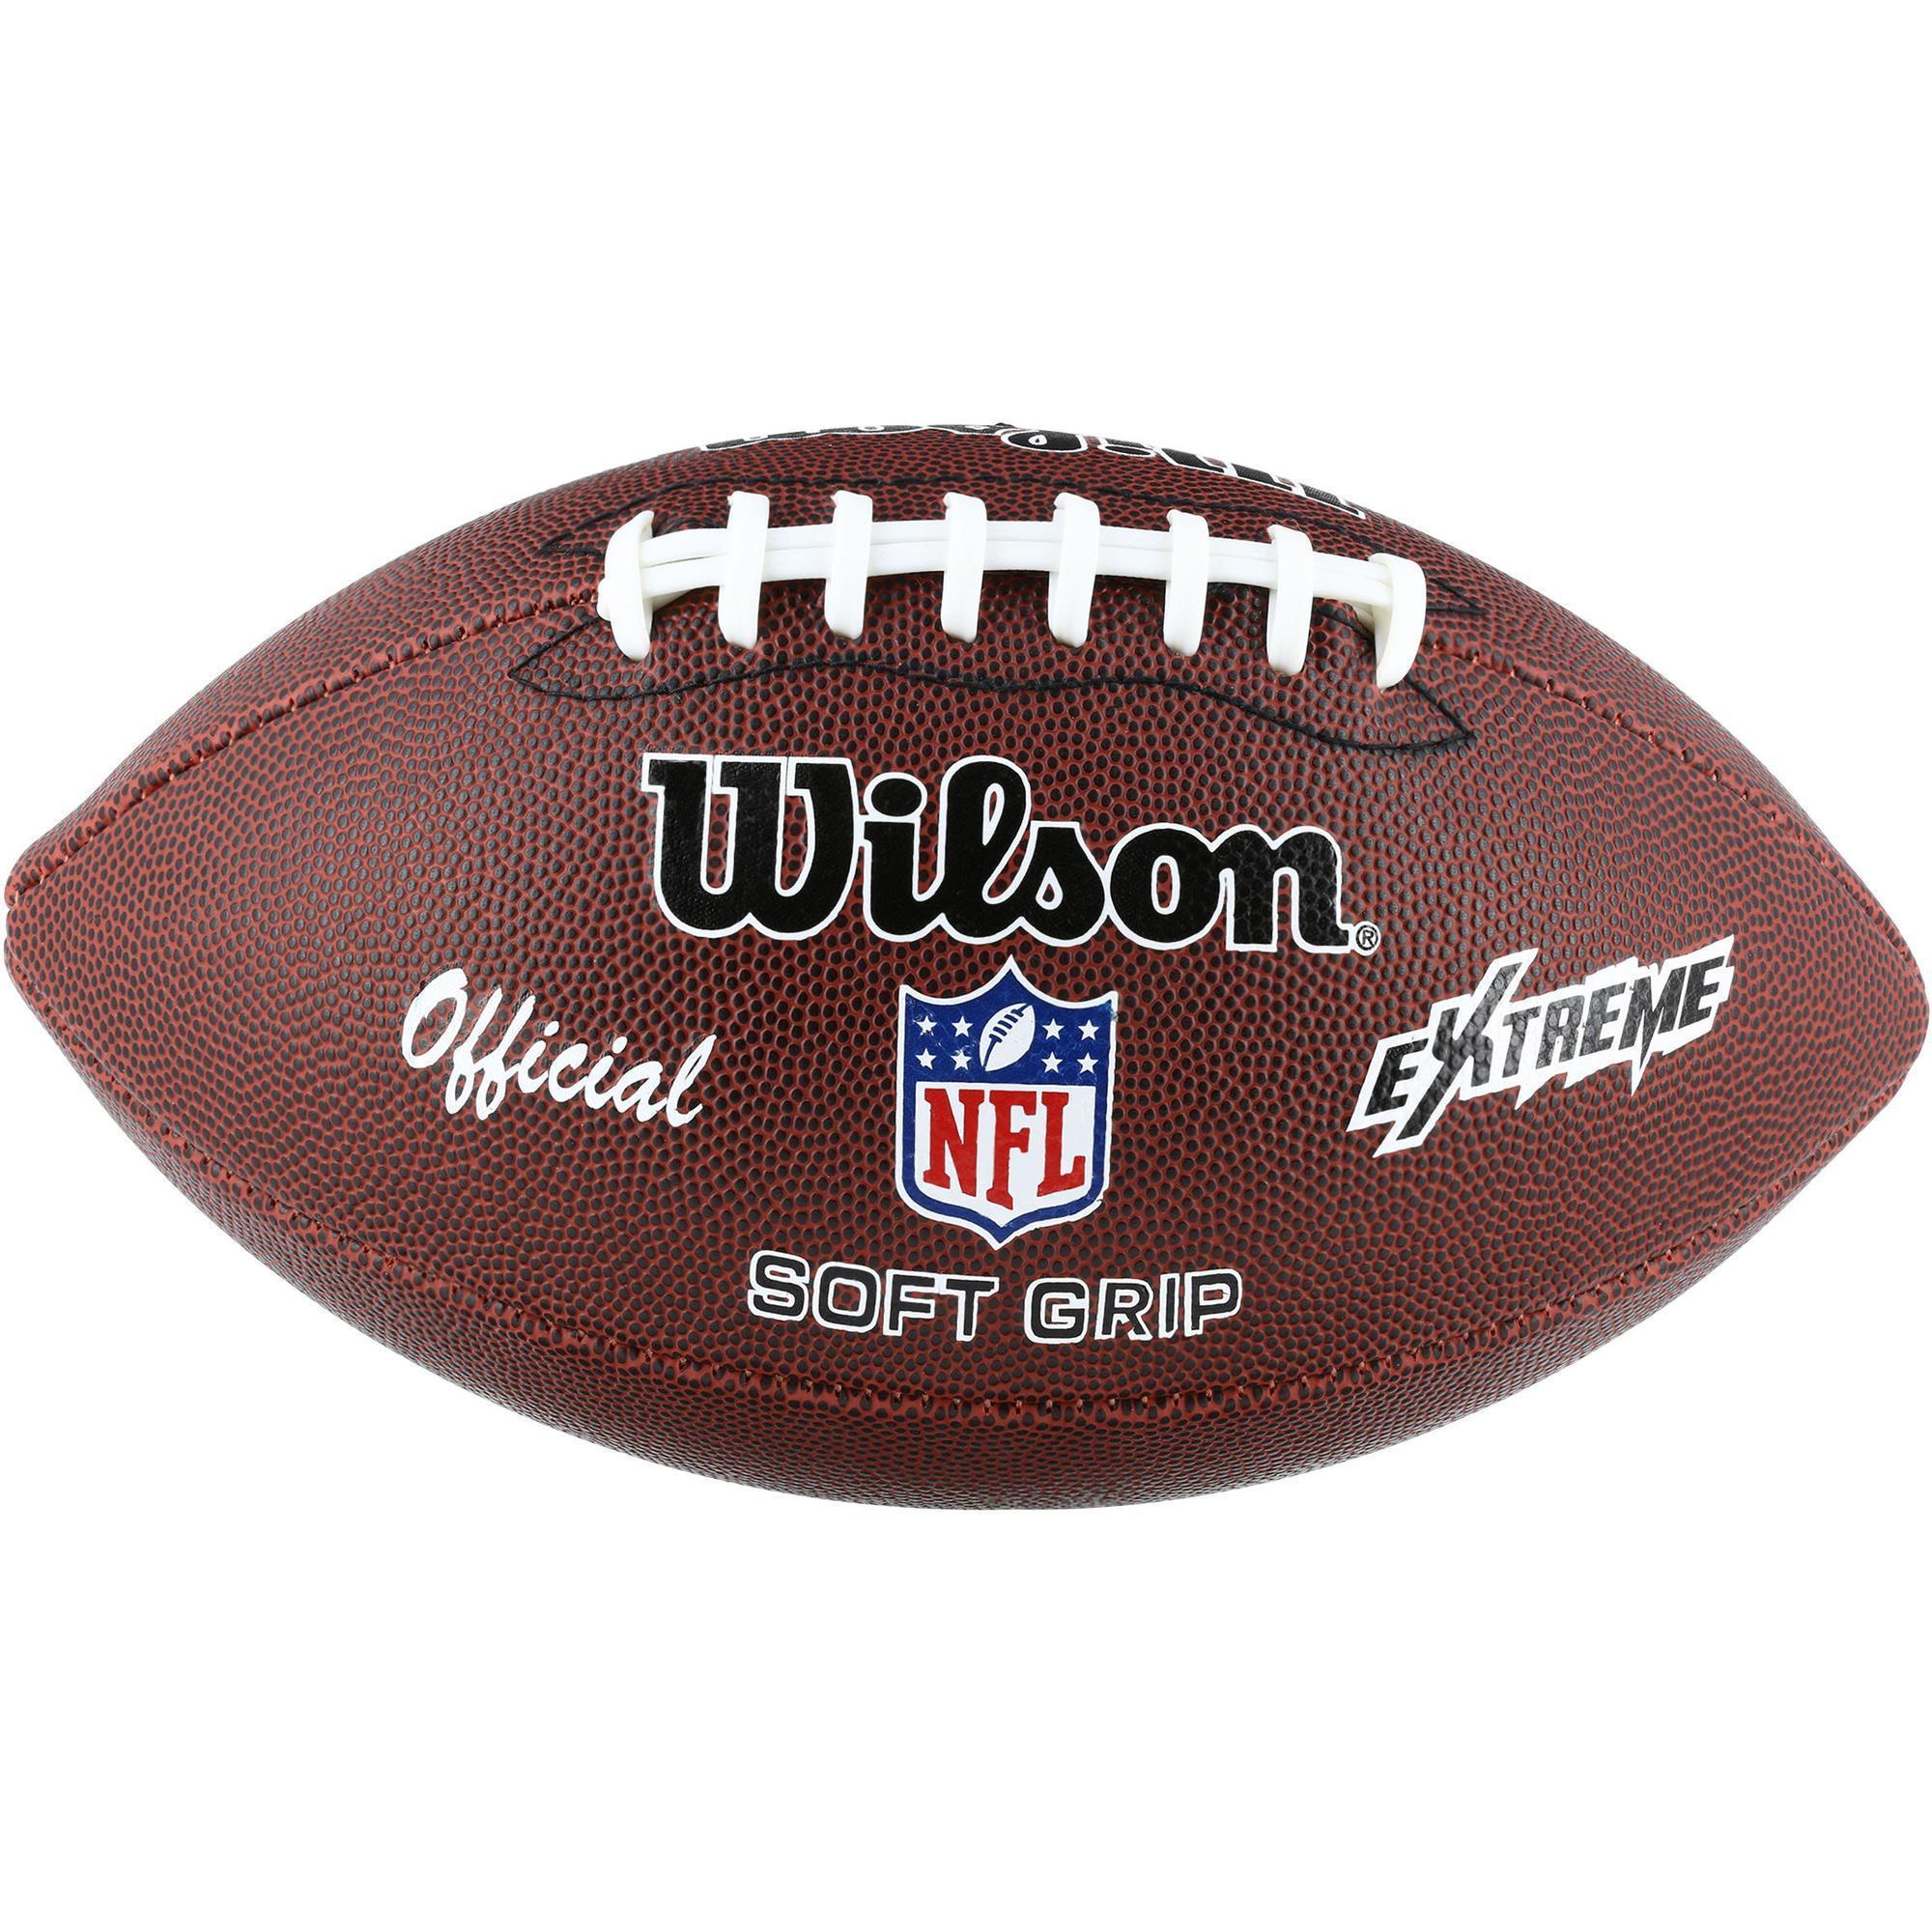 Damen,Herren Football American NFL Extreme für Erwachsene offizielle braun | 05019973821524